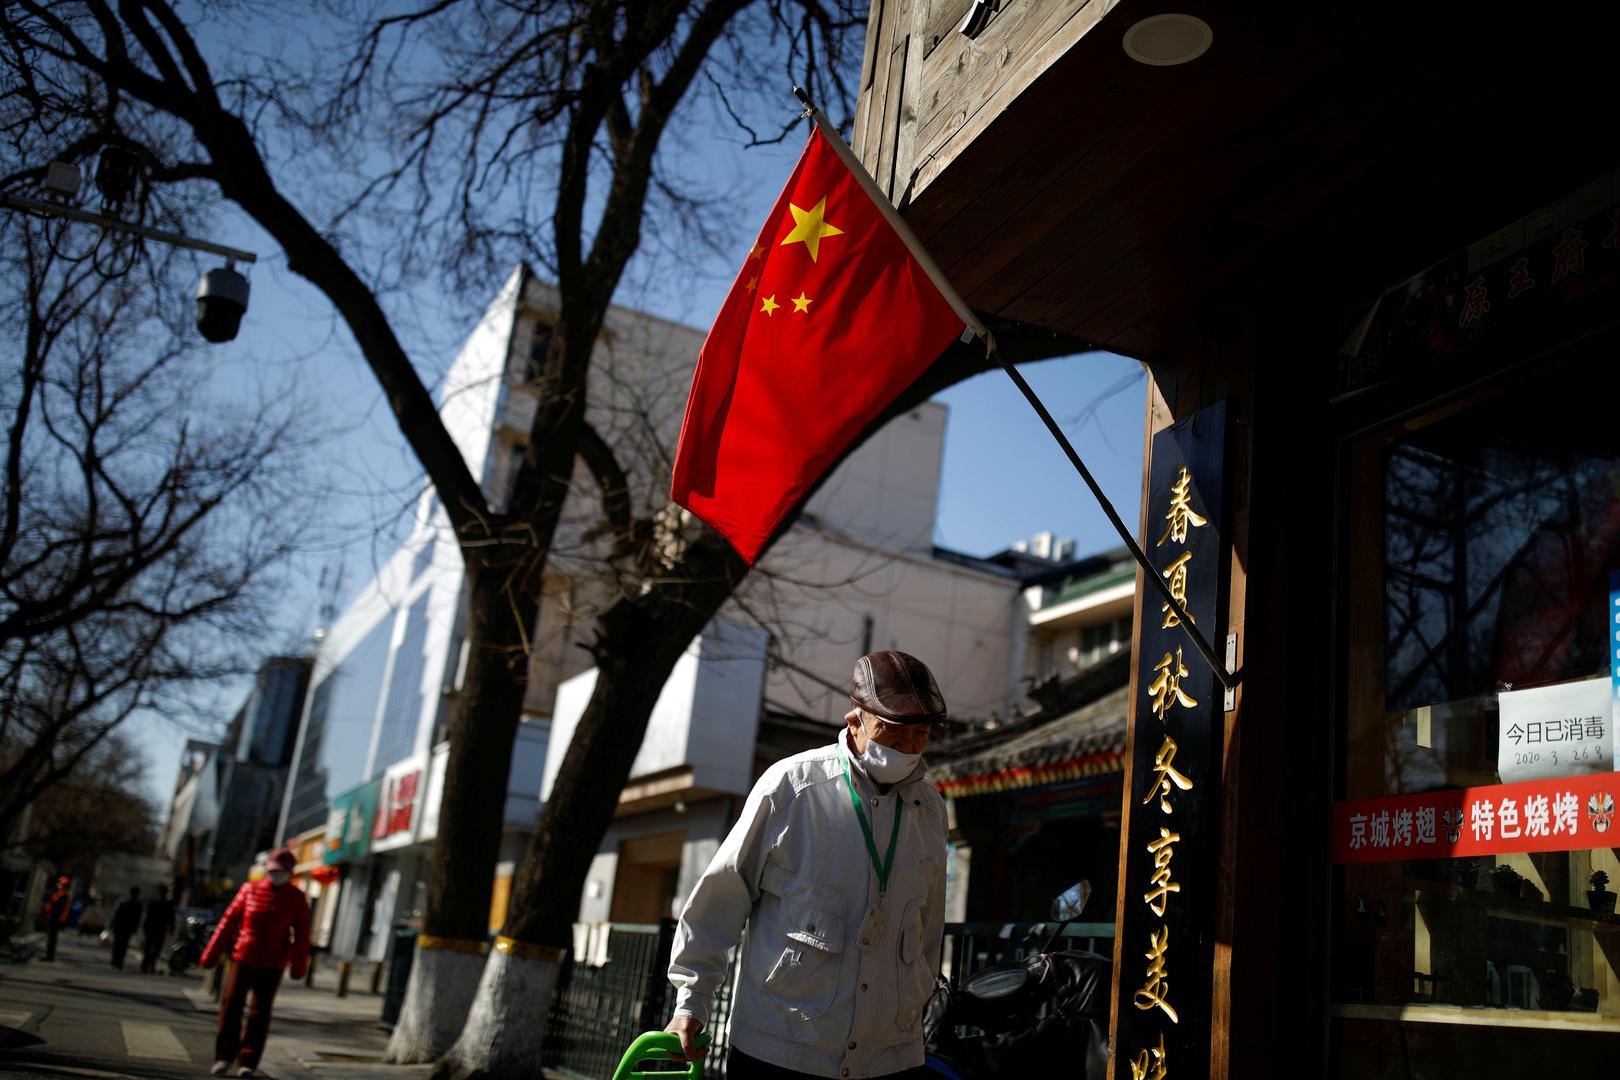 الصين: تصريحات المسؤولين الأمريكيين عن بياناتنا حول كورونا